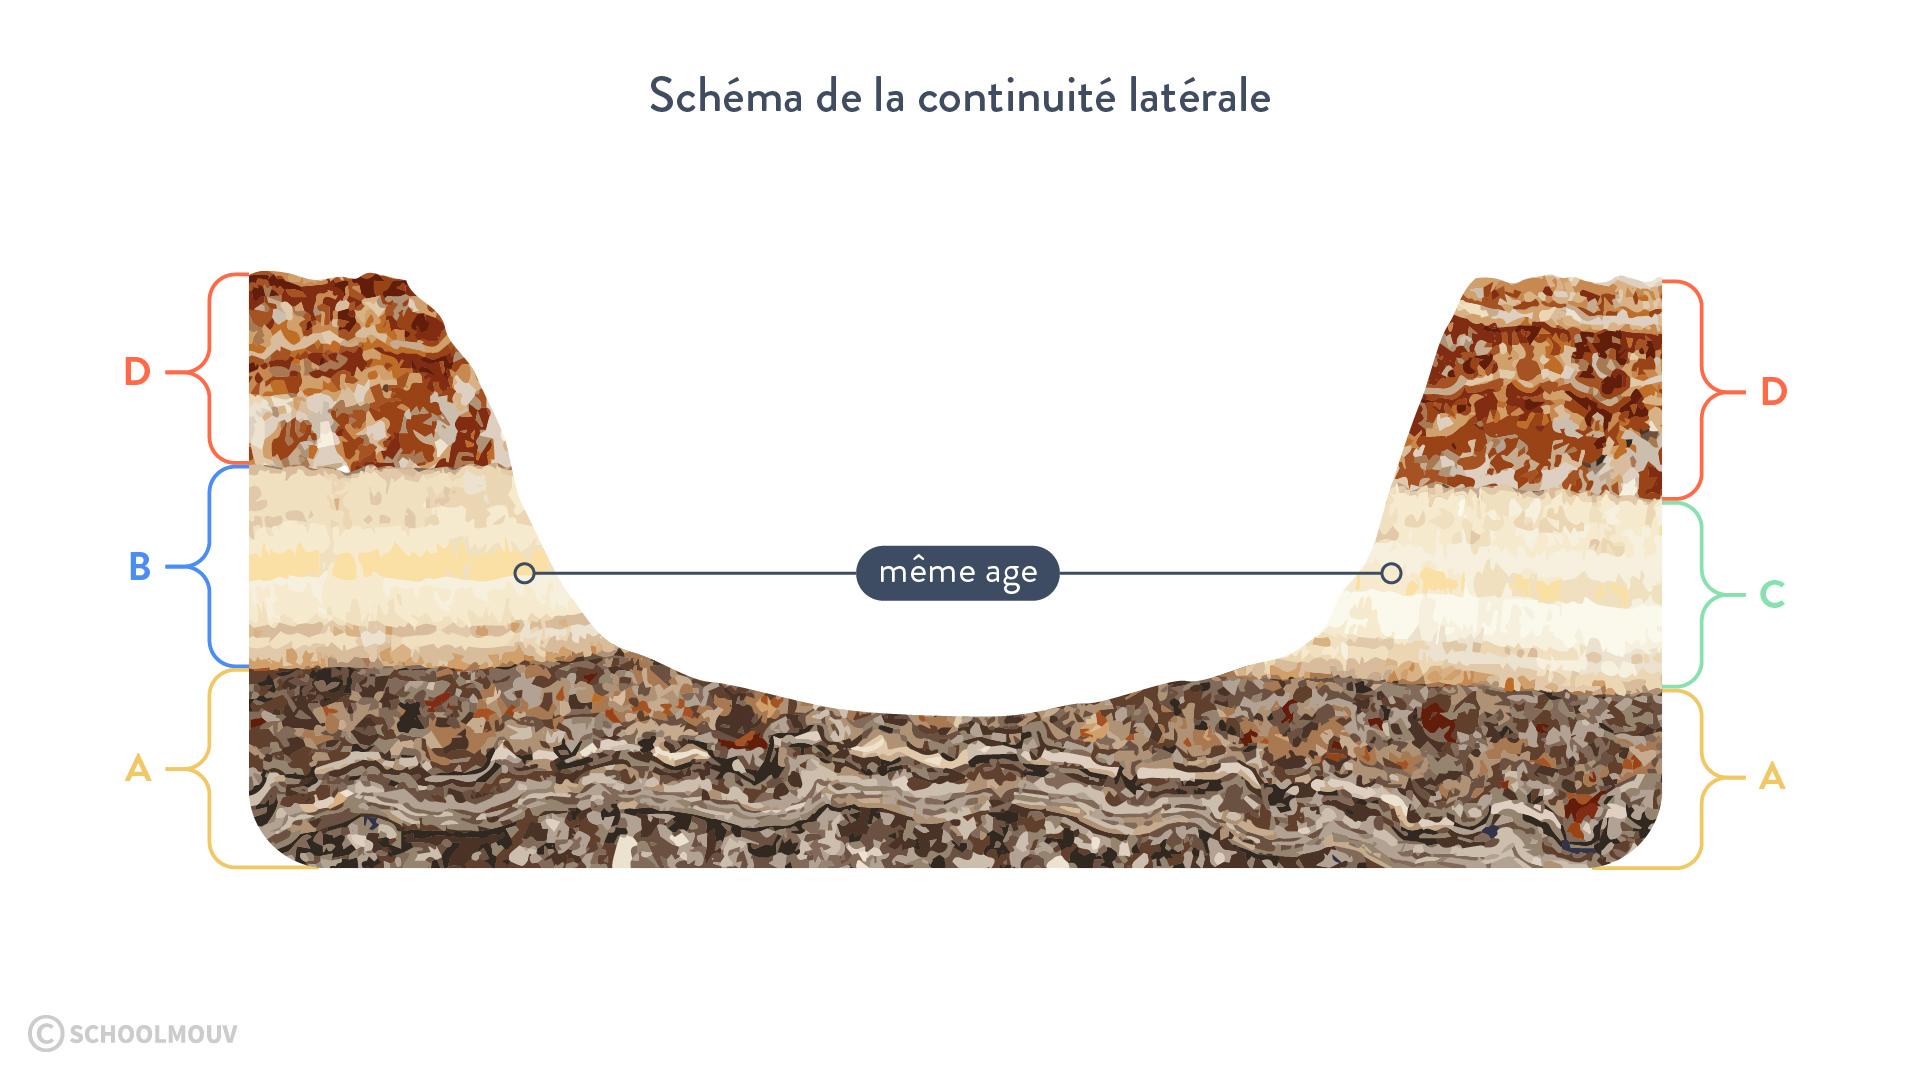 Schéma de la continuité latérale